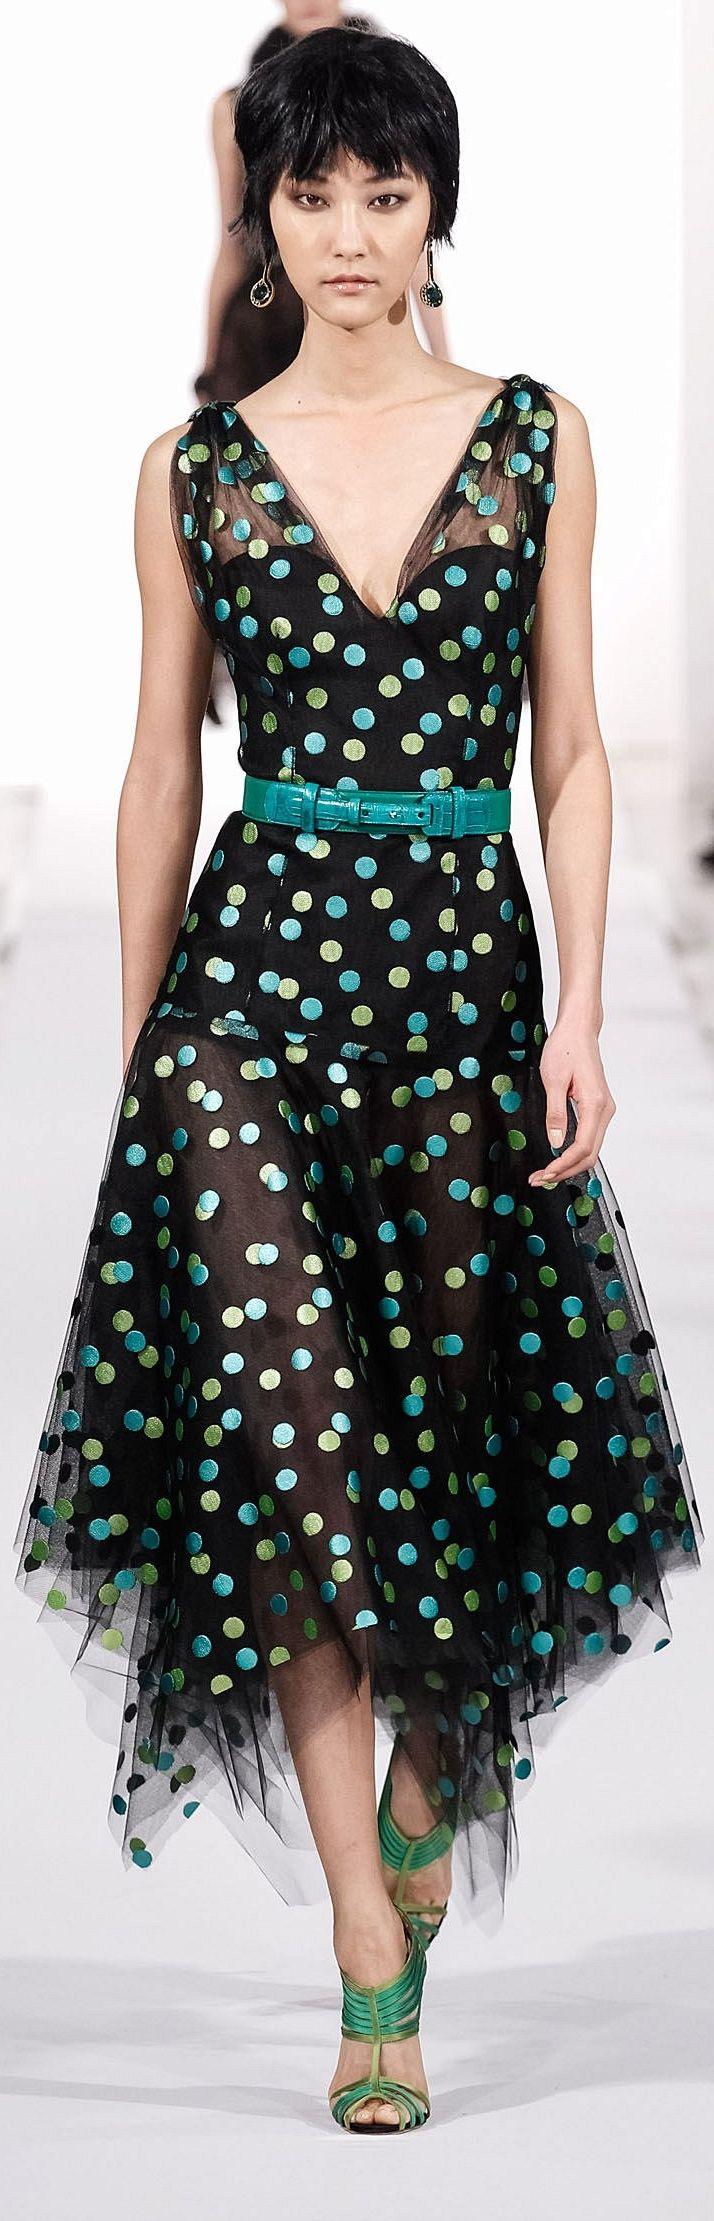 378 besten Vestirse Bilder auf Pinterest | Party-outfits, Abendkleid ...